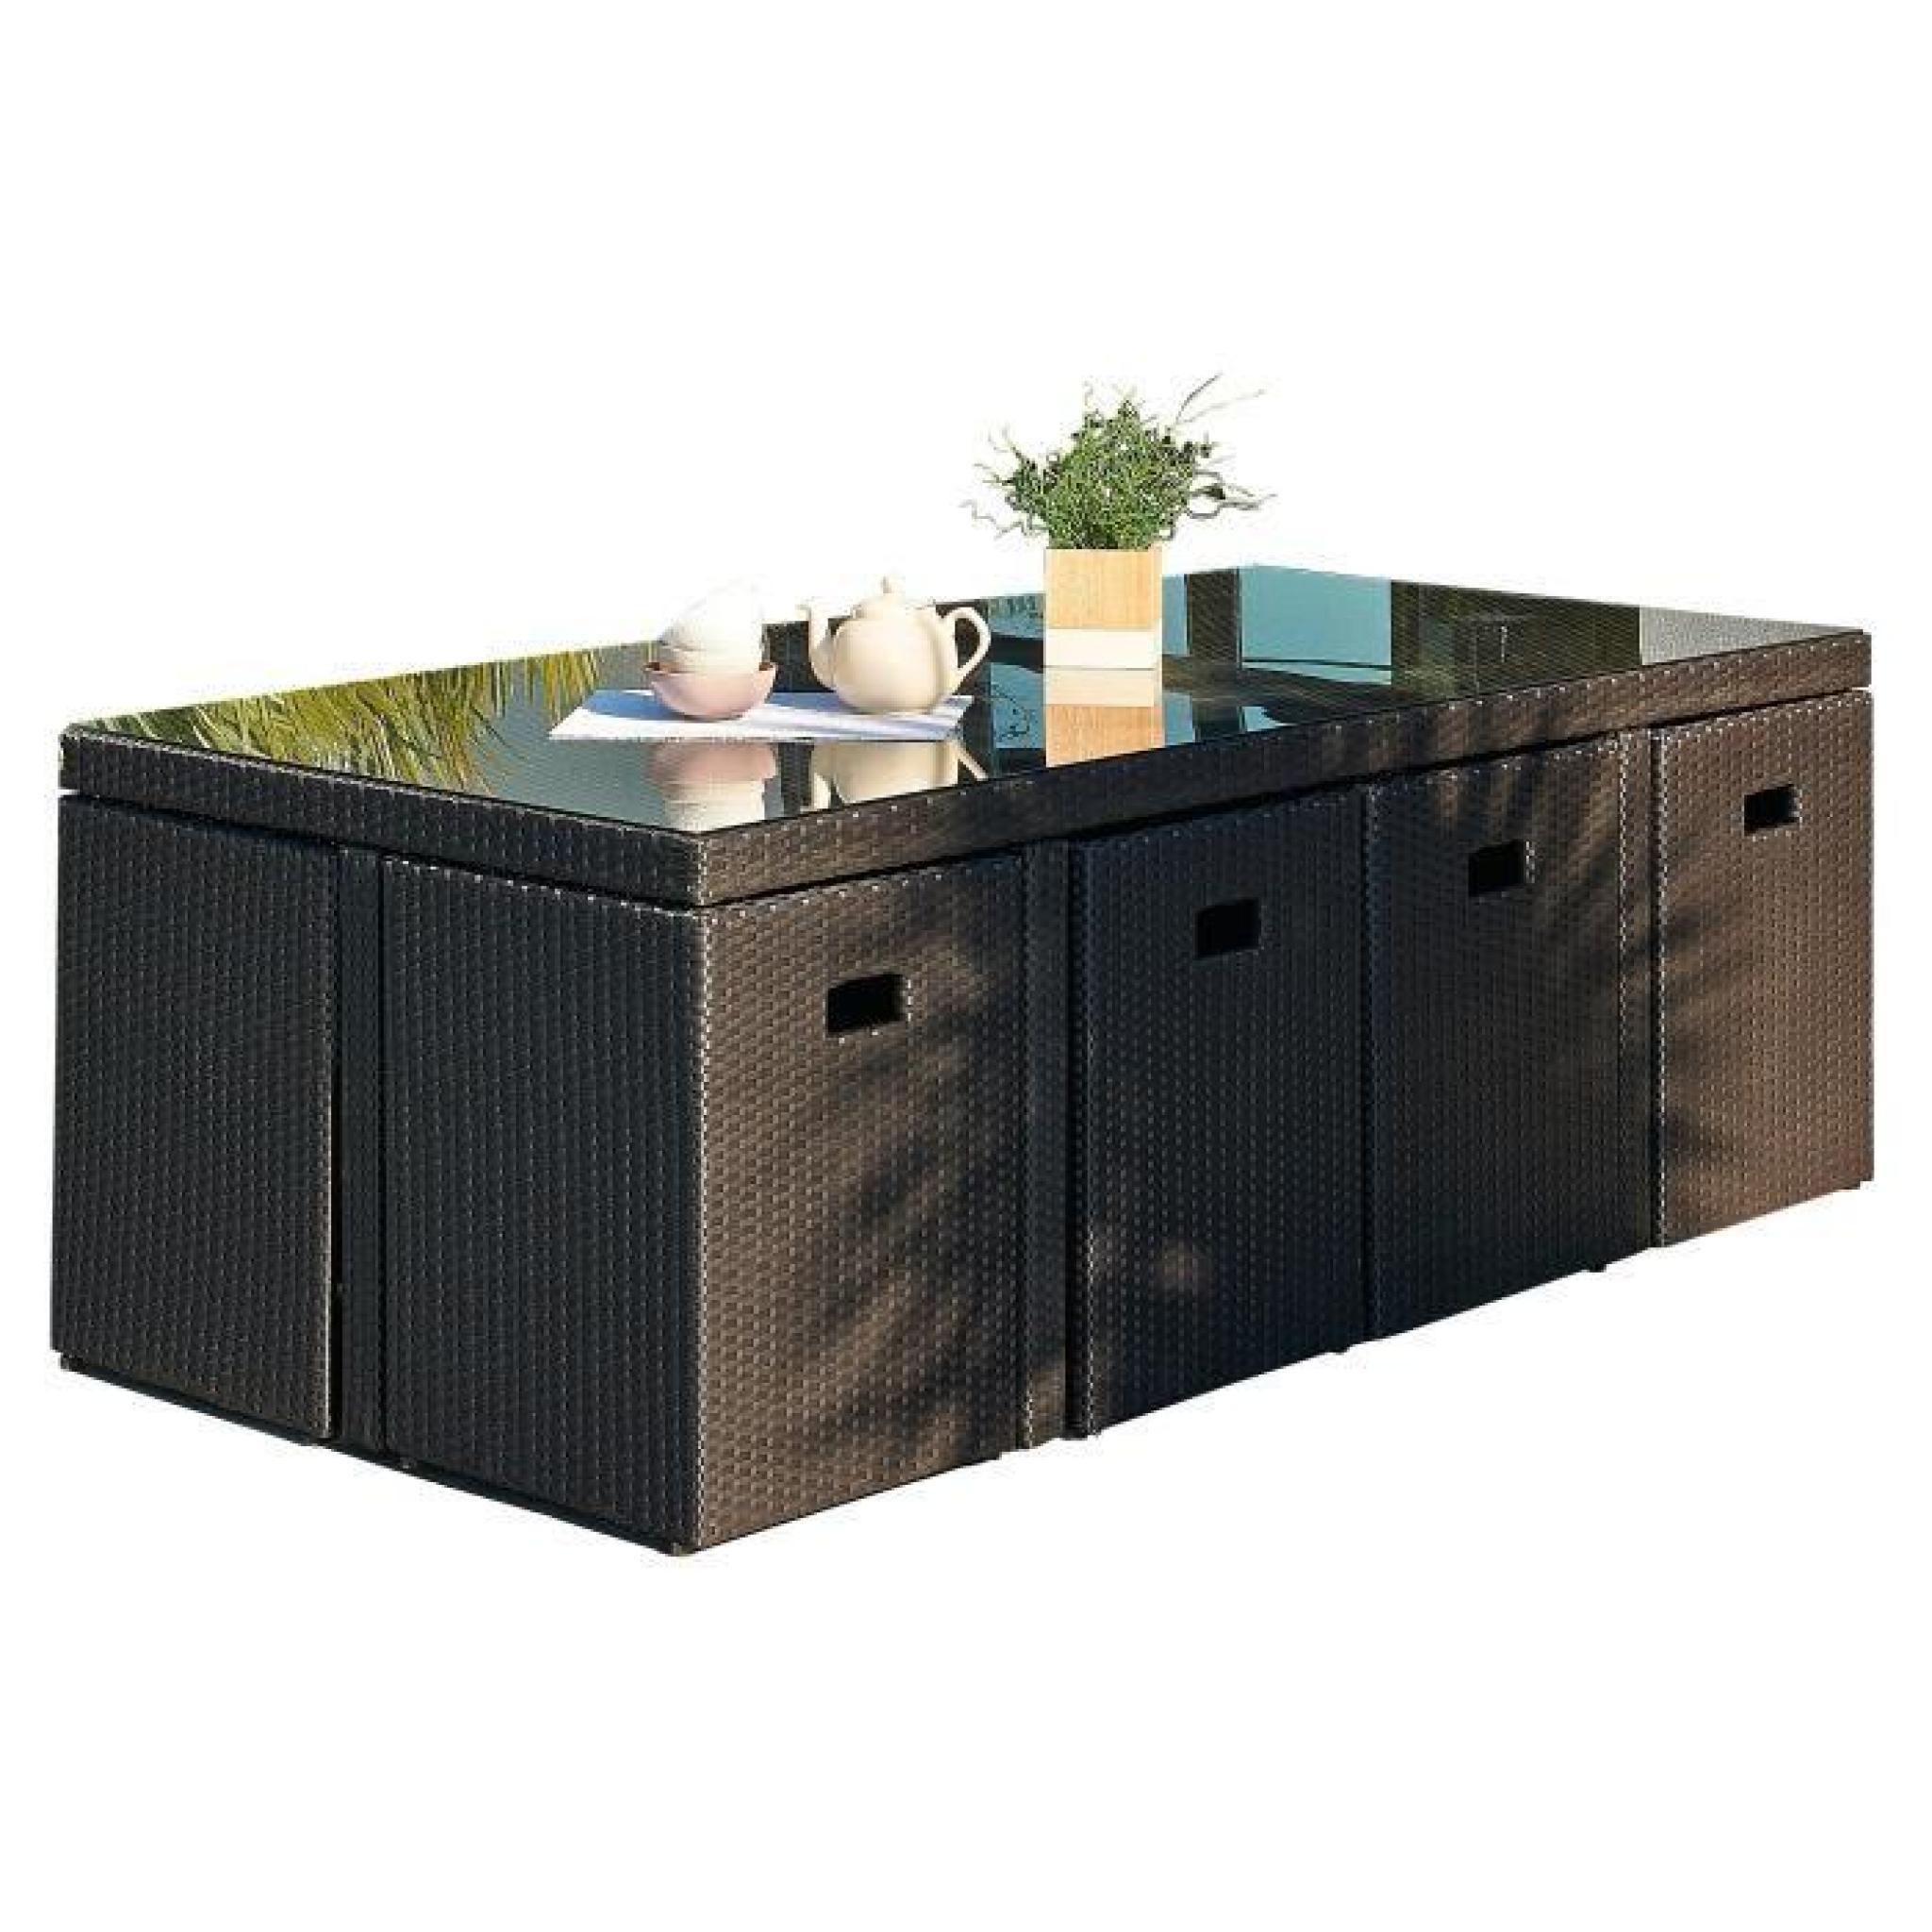 DCB GARDEN Salon de jardin encastrable 1 table et 8 fauteuils en résine  tressée - Plateau verre - Noir